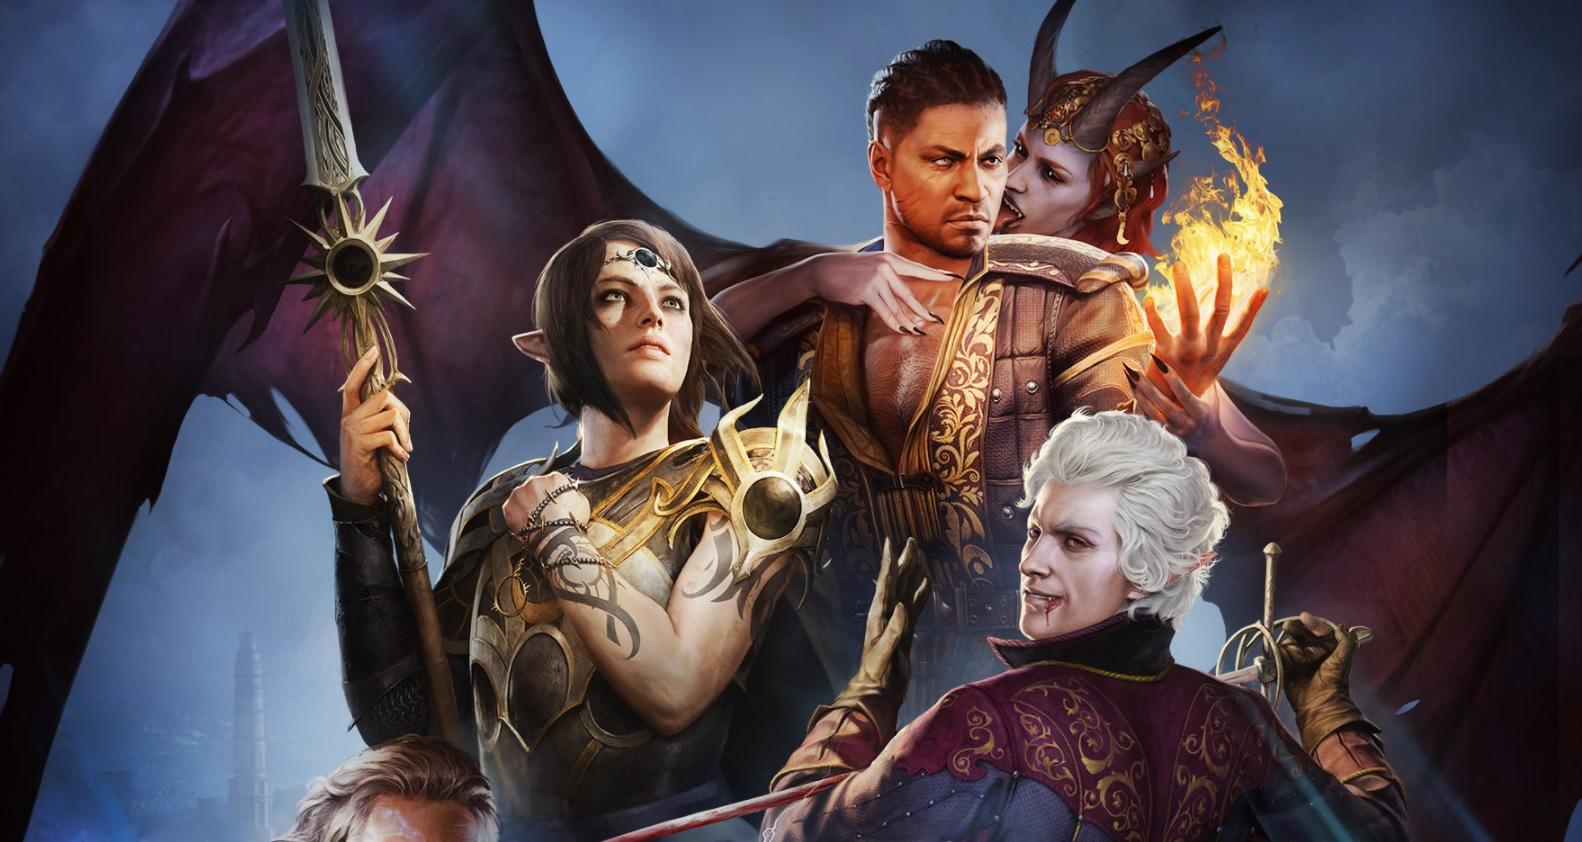 Baldurs gate 3 portrait | RPG Jeuxvidéo